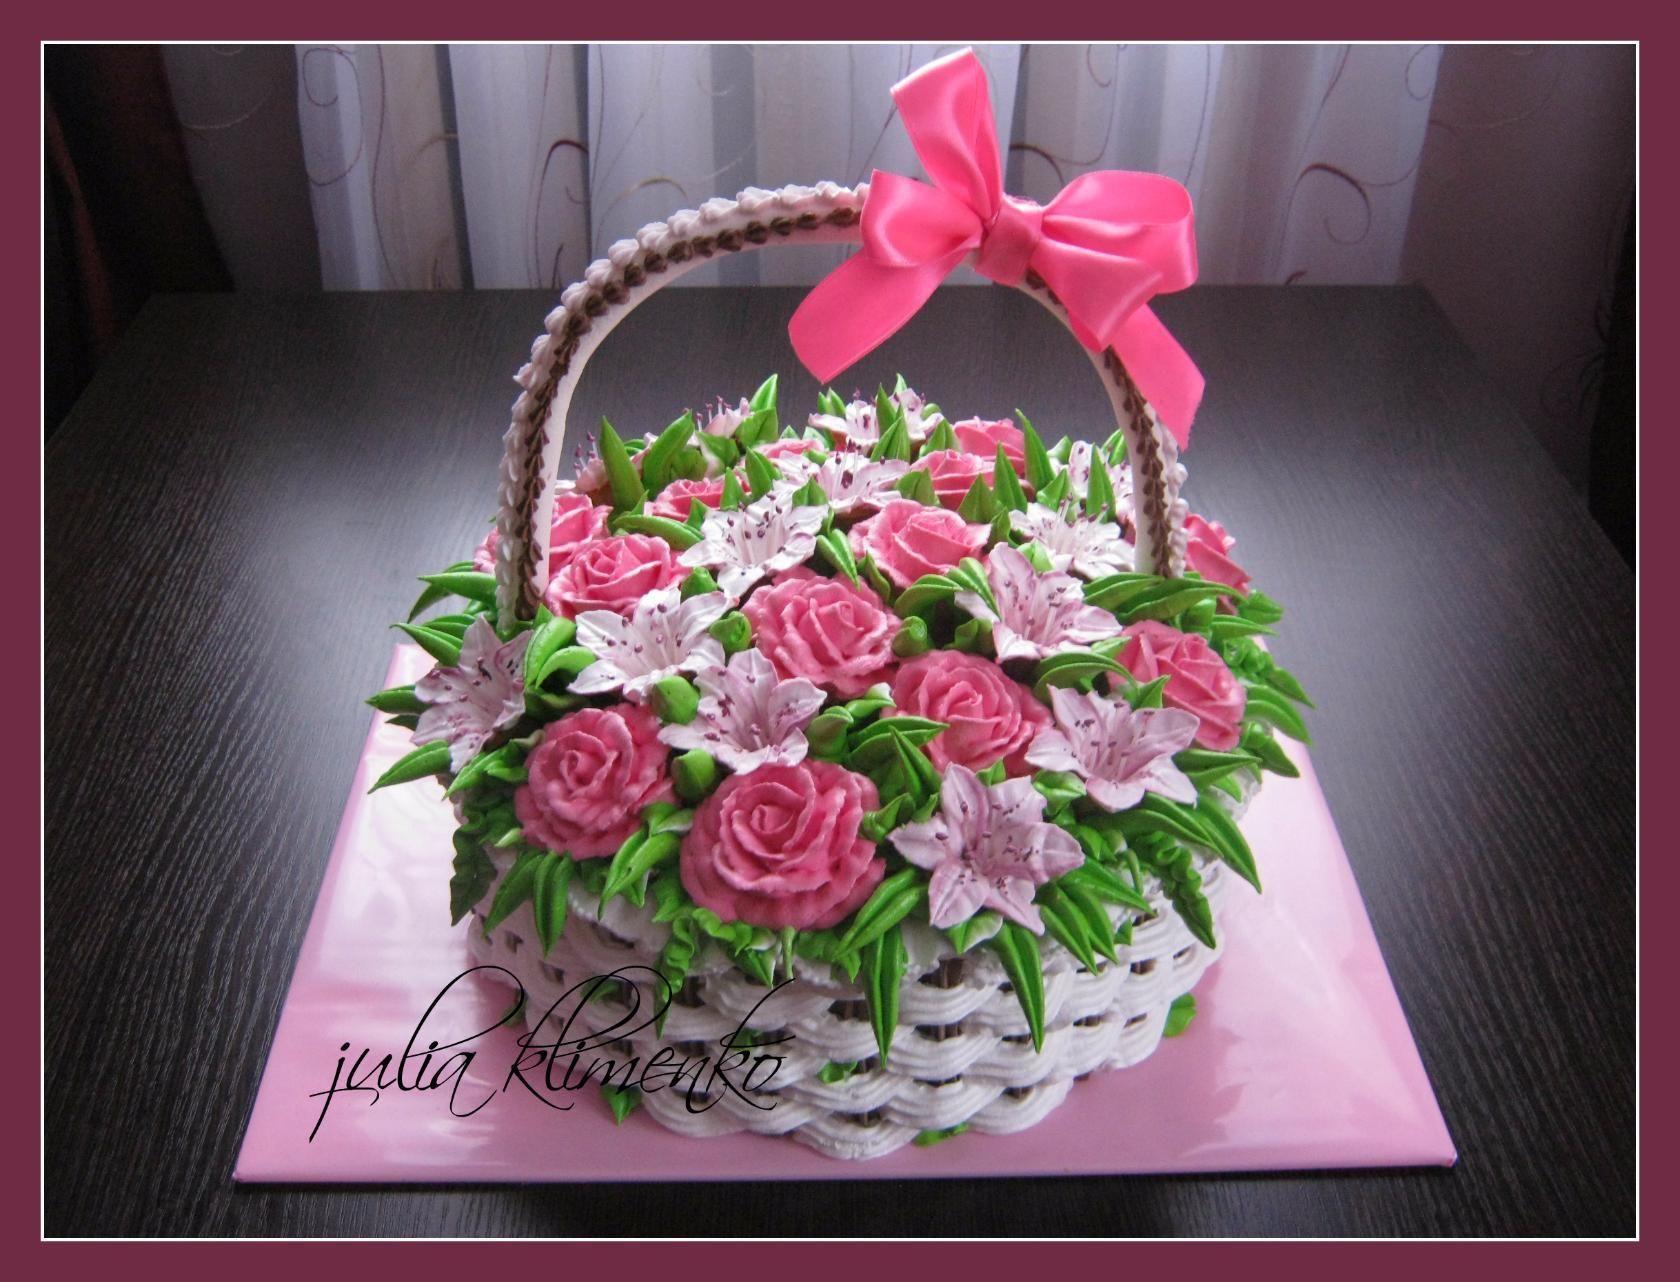 керн кремовый торт корзинка с цветами картинки порно мультики